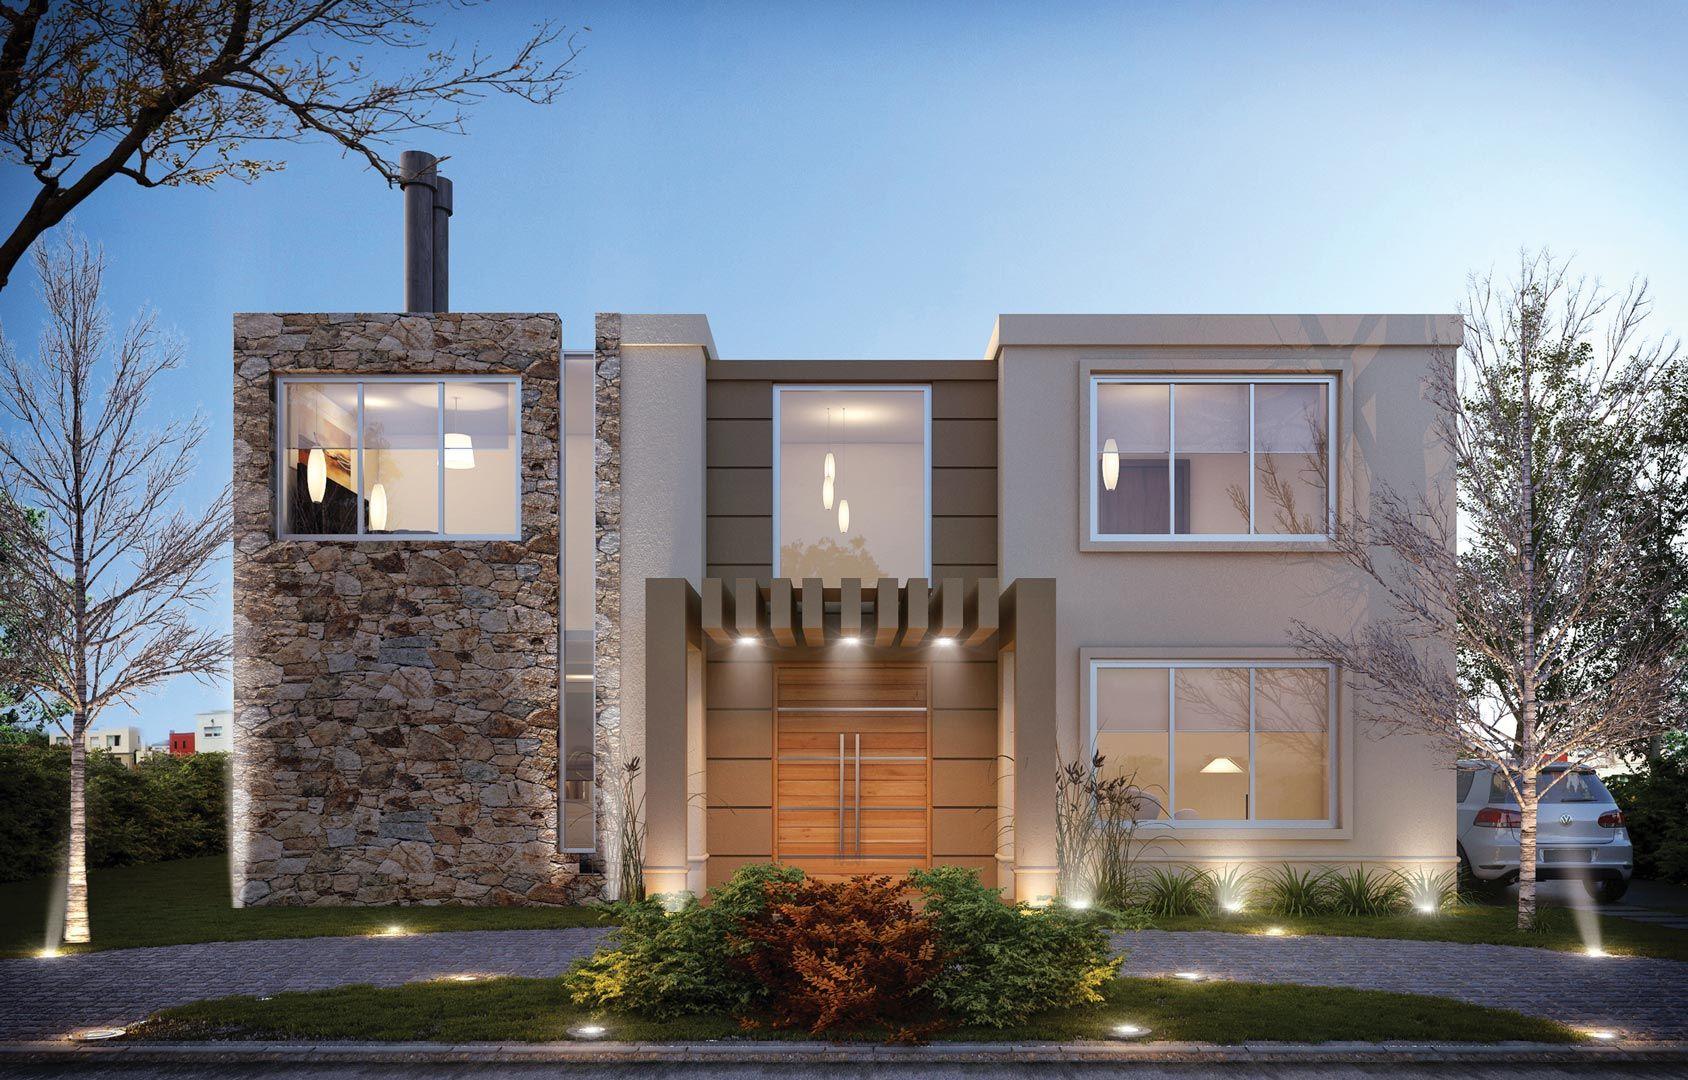 Estudio nf y asociados casa estilo foto estudio y - Arquitectos casas modernas ...